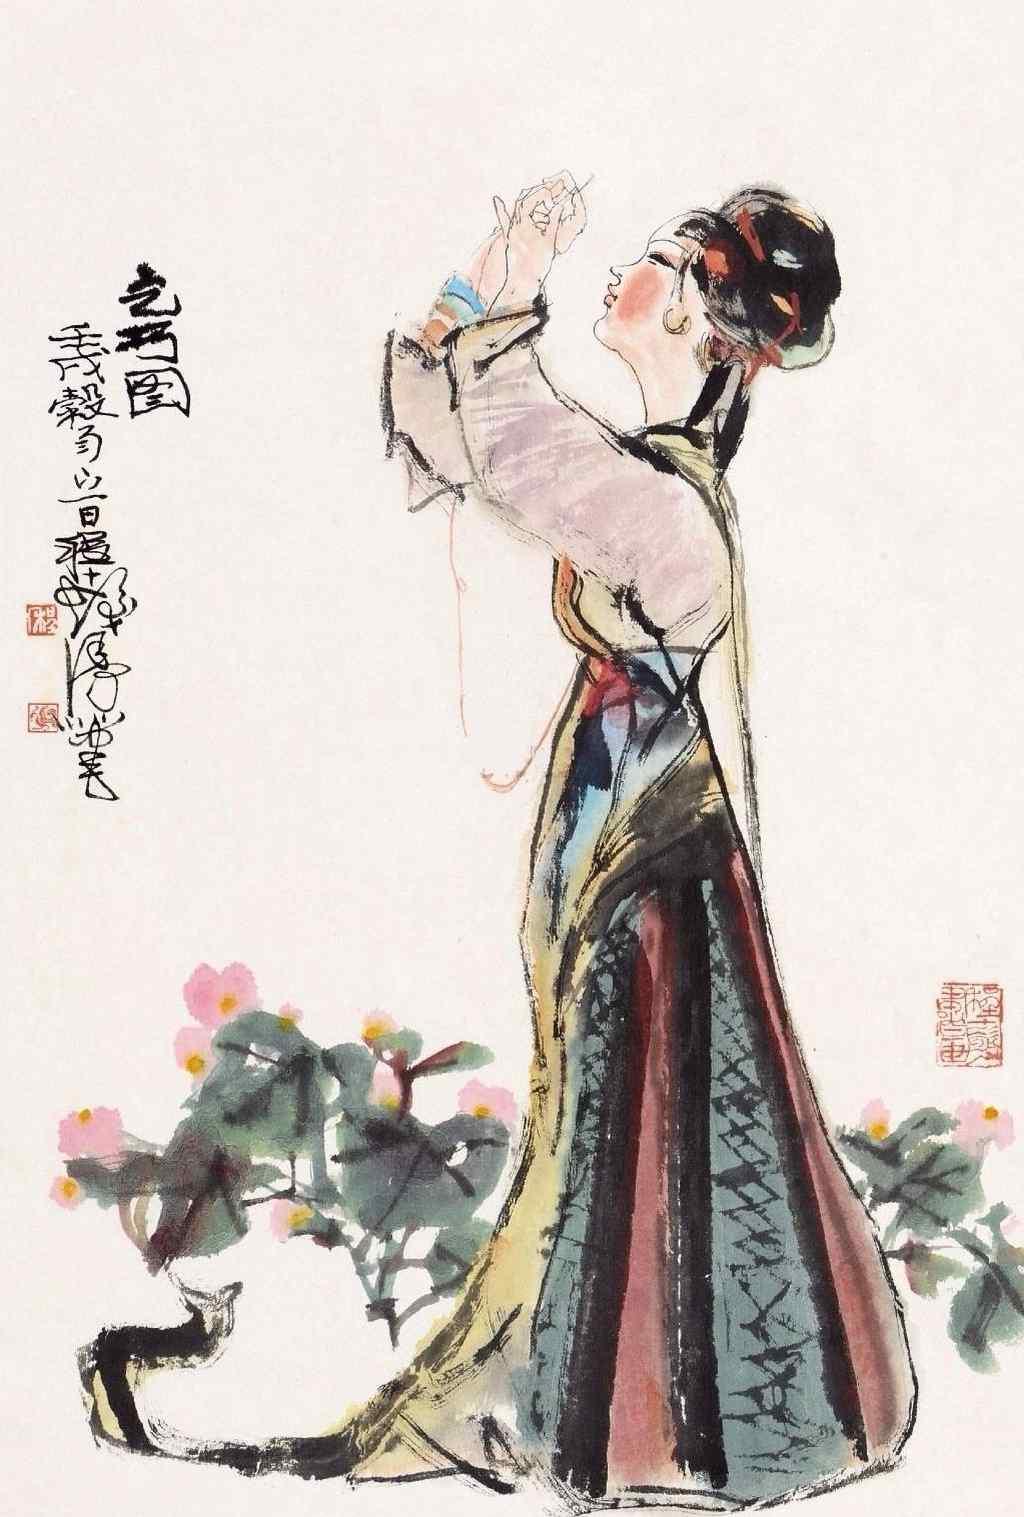 手绘七夕节织女手机壁纸